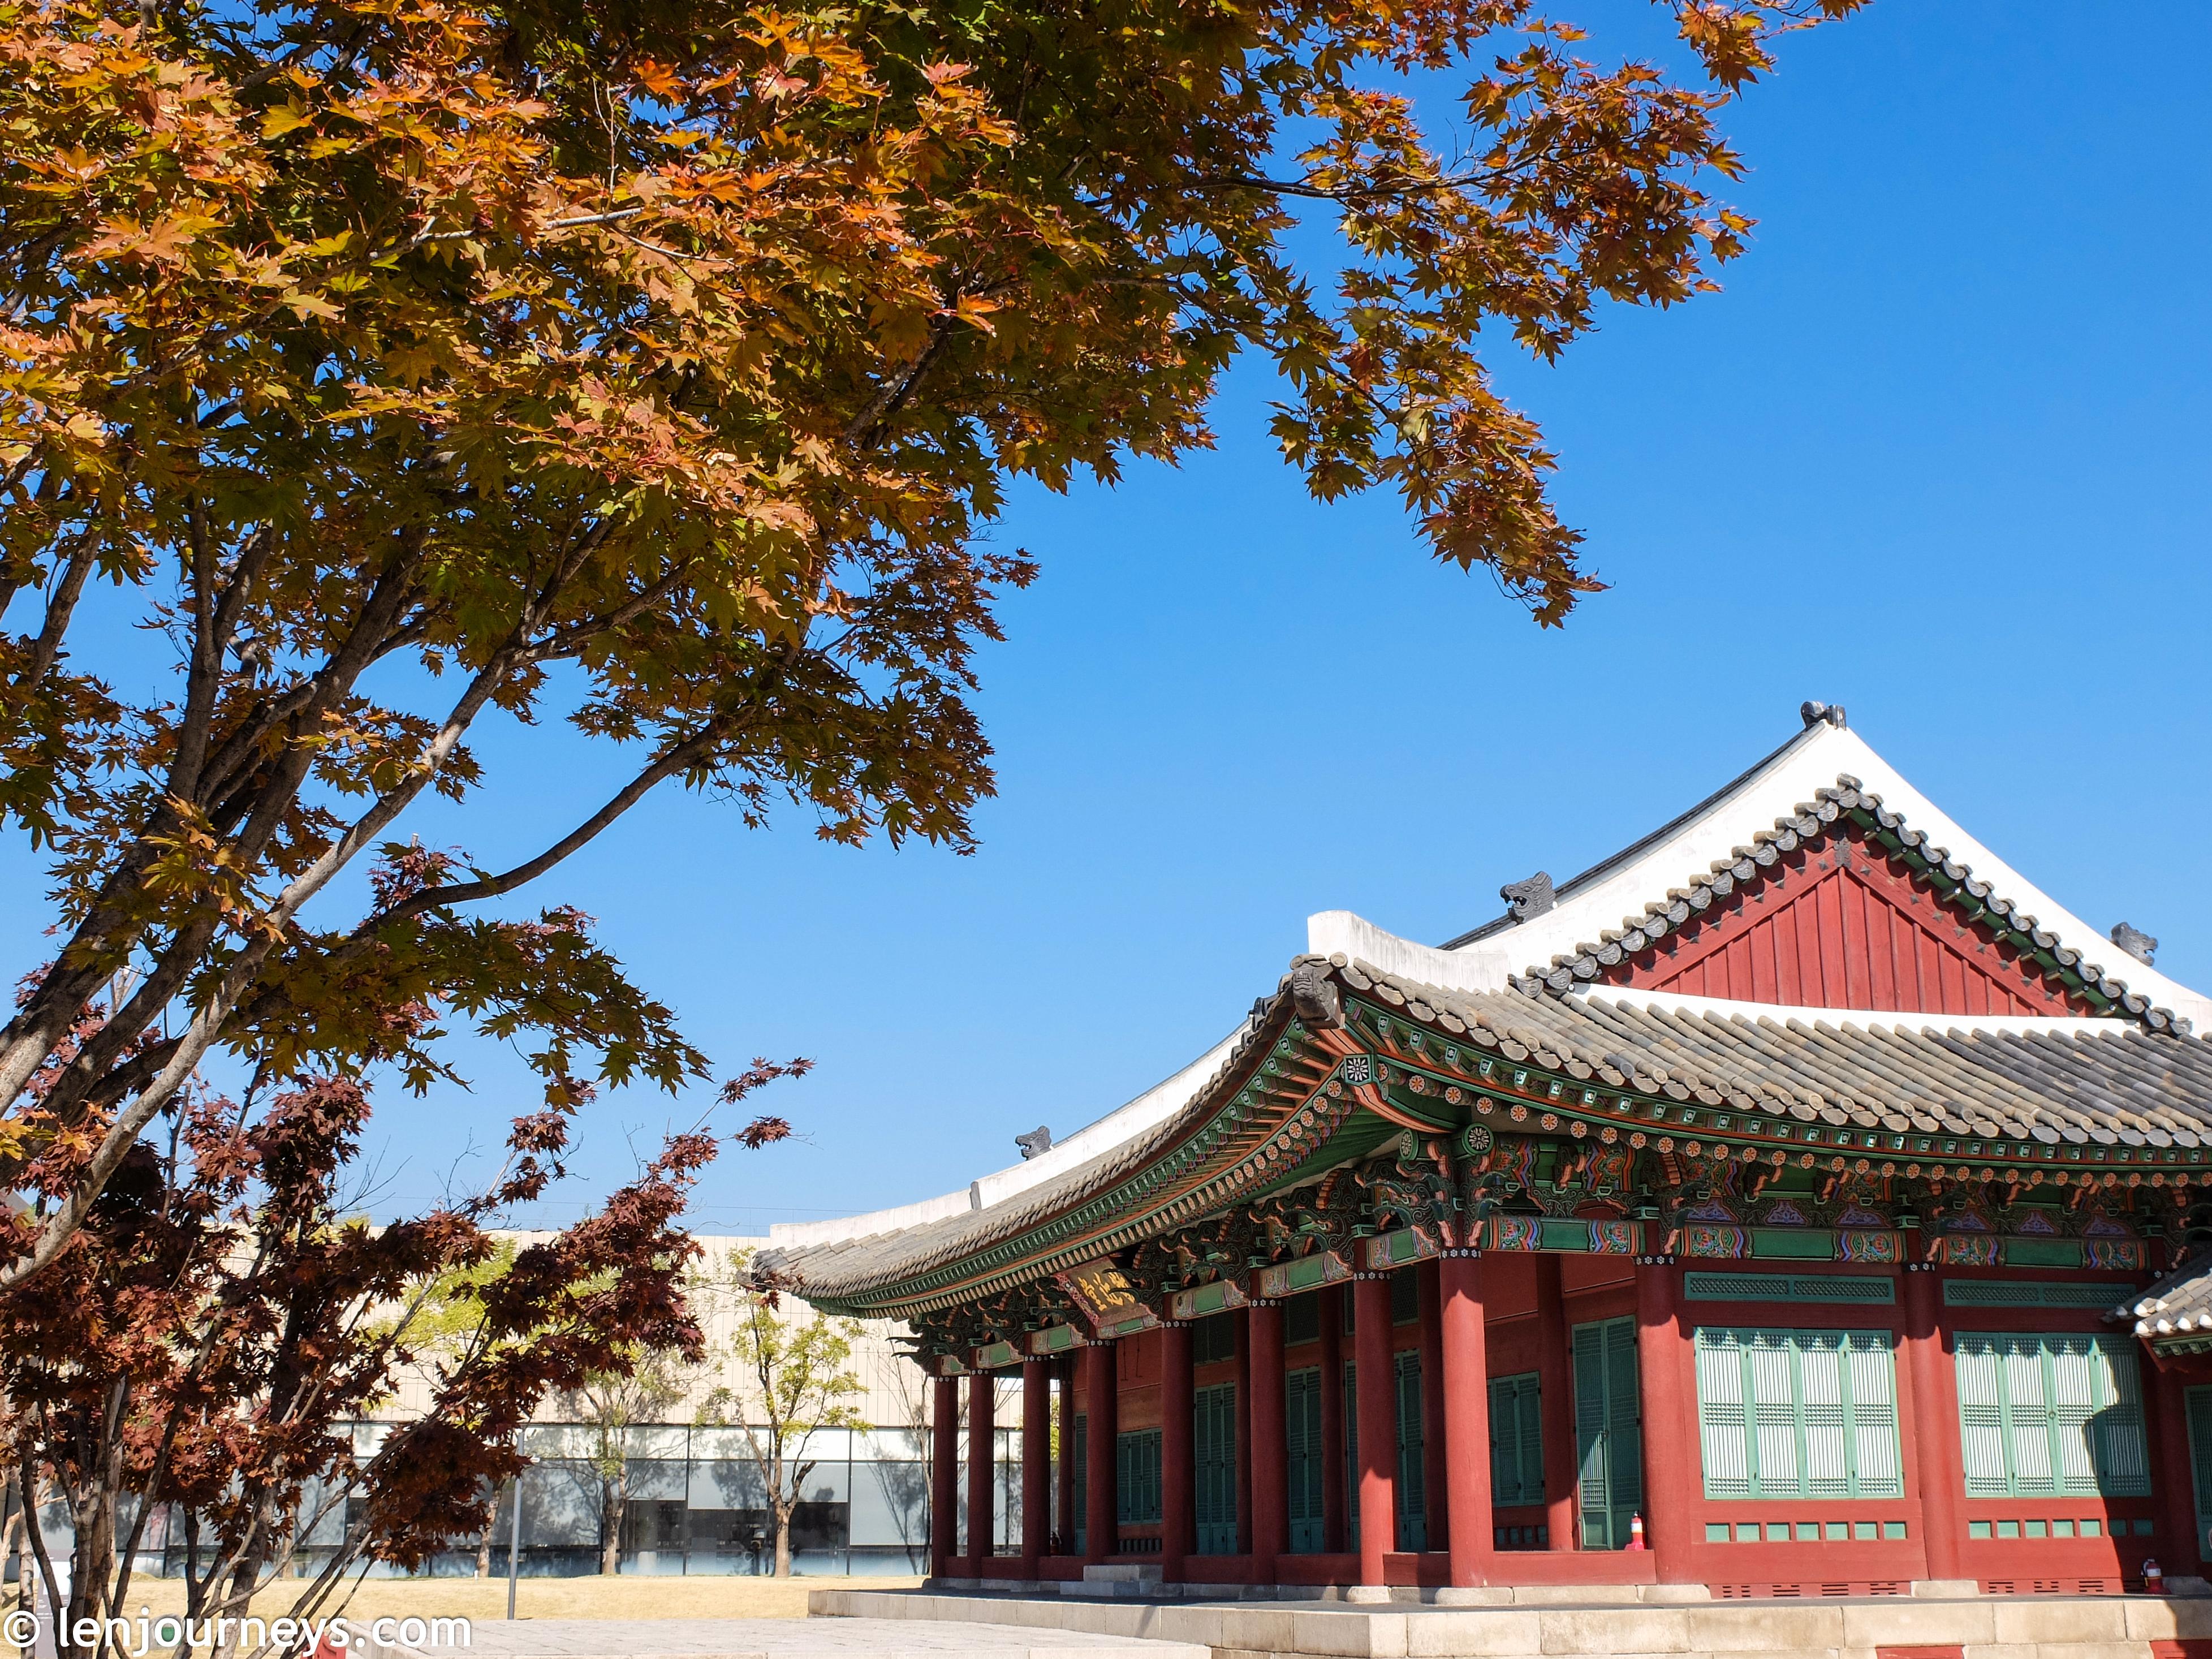 A Joseon royal building in Bukchon Hanok Village